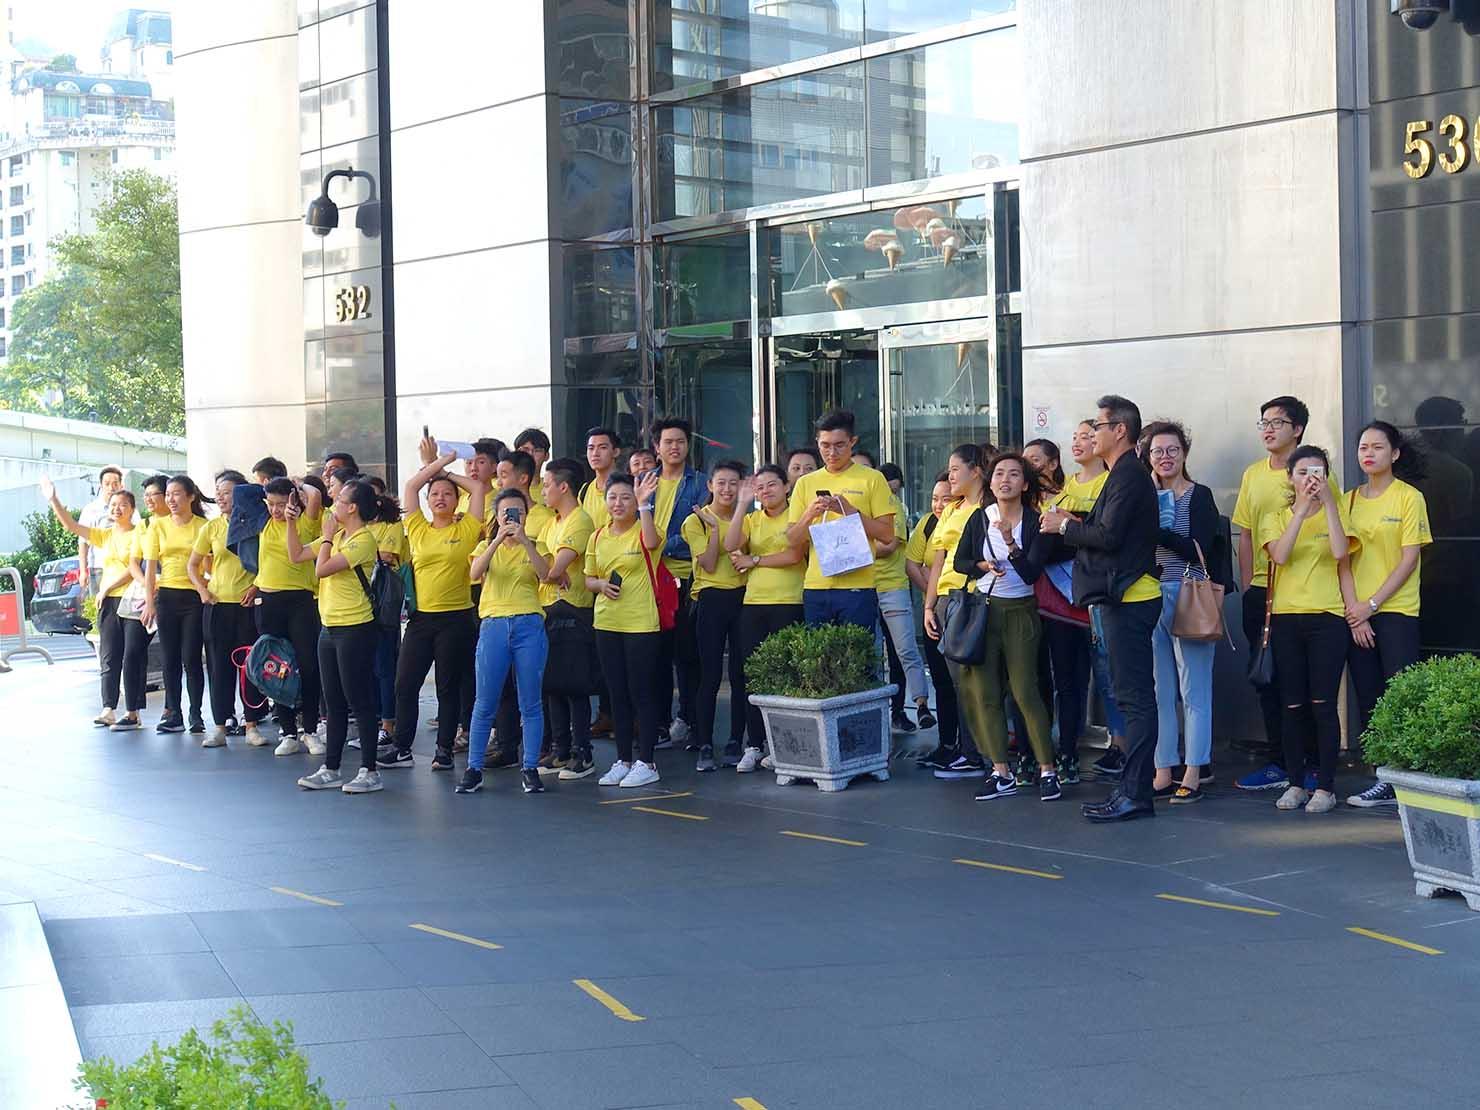 台中同志遊行(台中LGBTプライド)2017でオフィスエントラスに集まる支持者たち